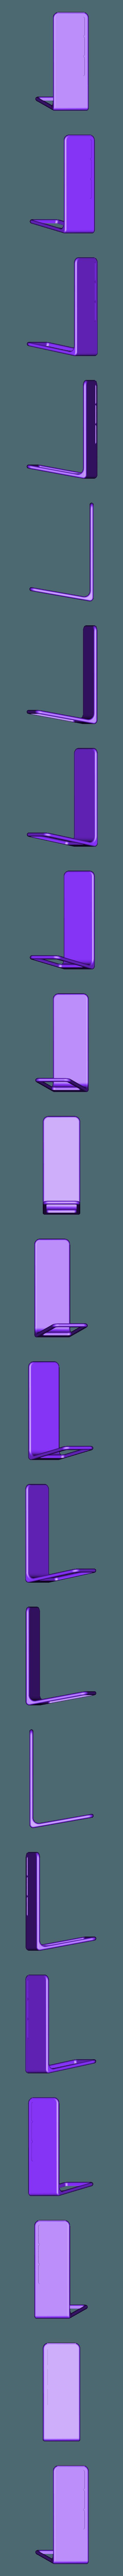 cadre photomaton.STL Télécharger fichier STL gratuit cadre porte photo photomaton • Objet pour impression 3D, zamo